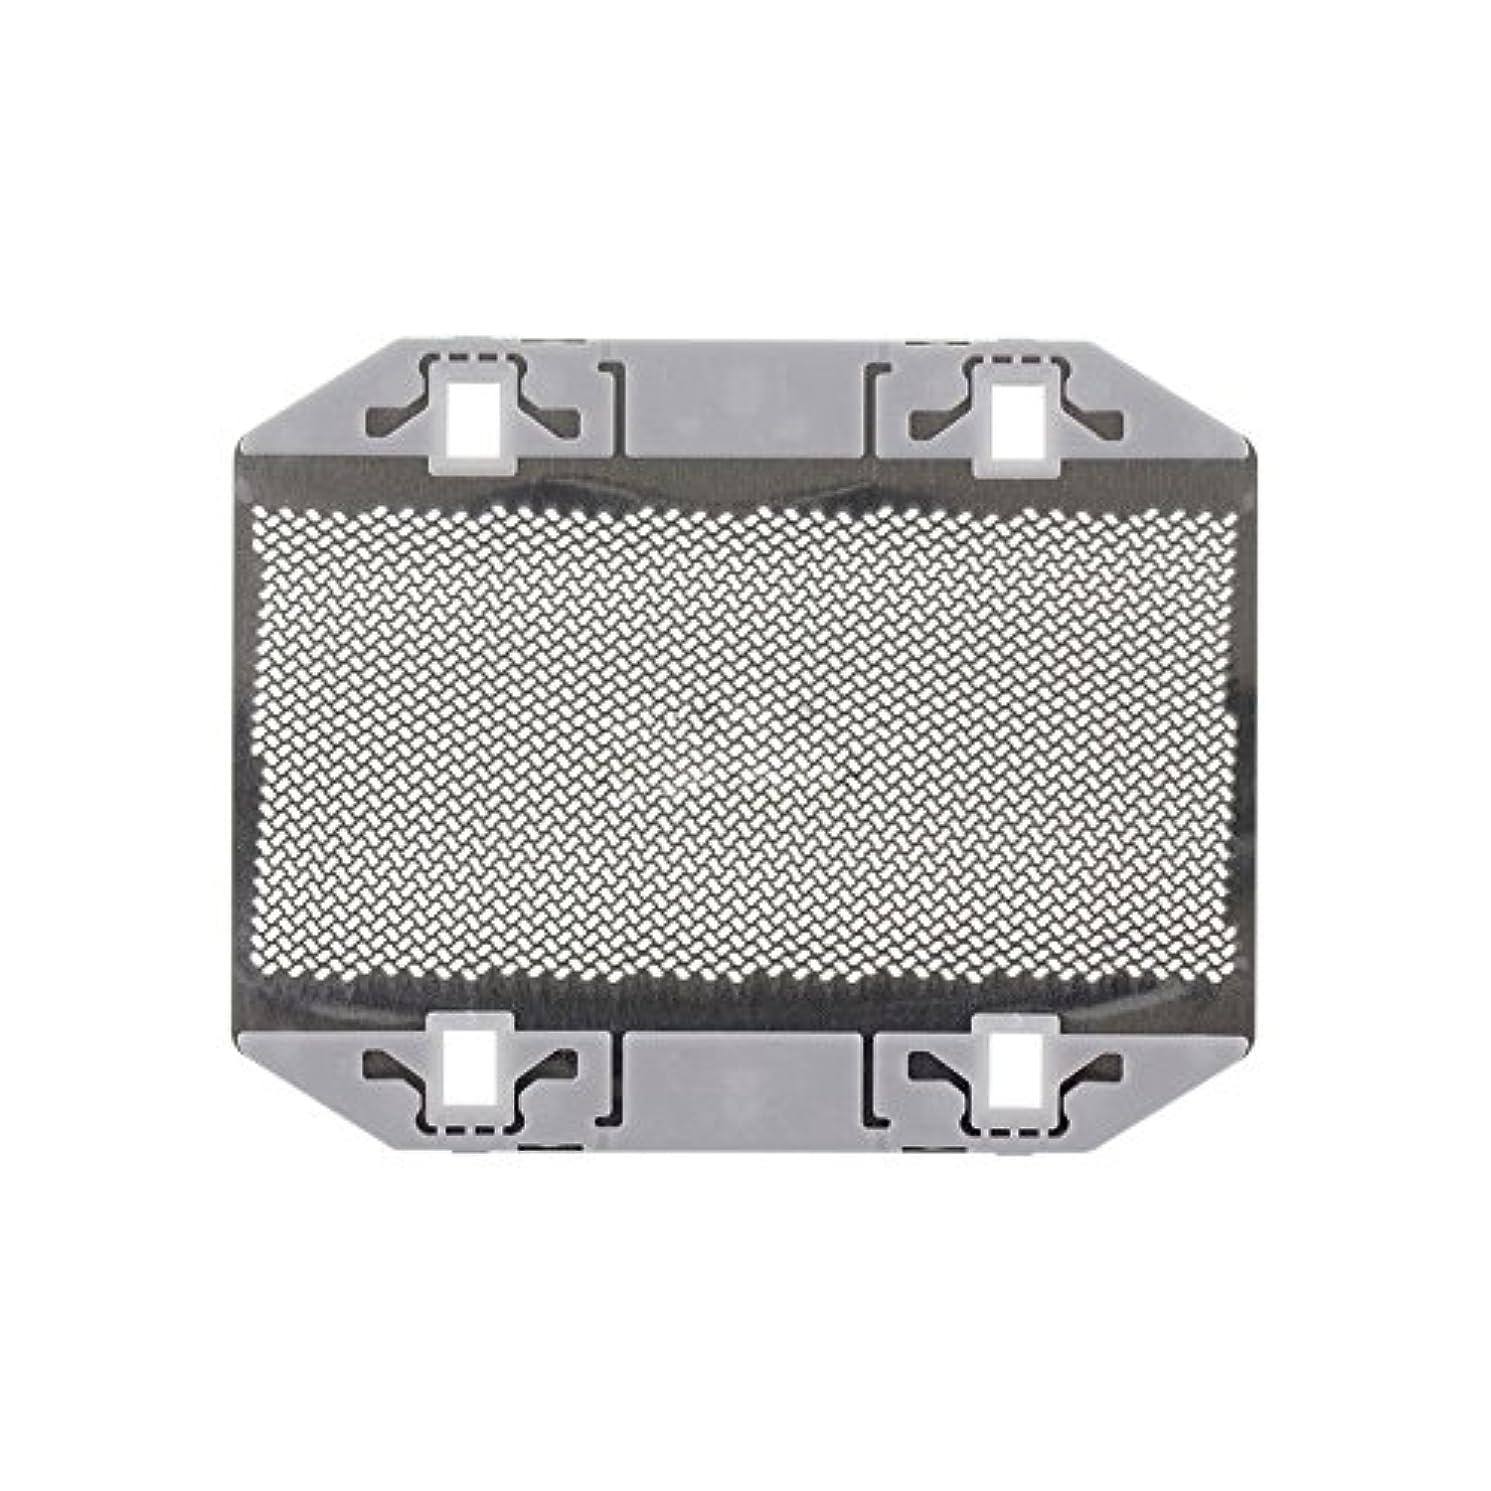 Hzjundasi シェーバーパーツ 部品 外刃 ロータリー式シェーバー替刃 耐用 高質量 for Panasonic ES9943 ES3042 ES3801 ES3750 ES365 ES366